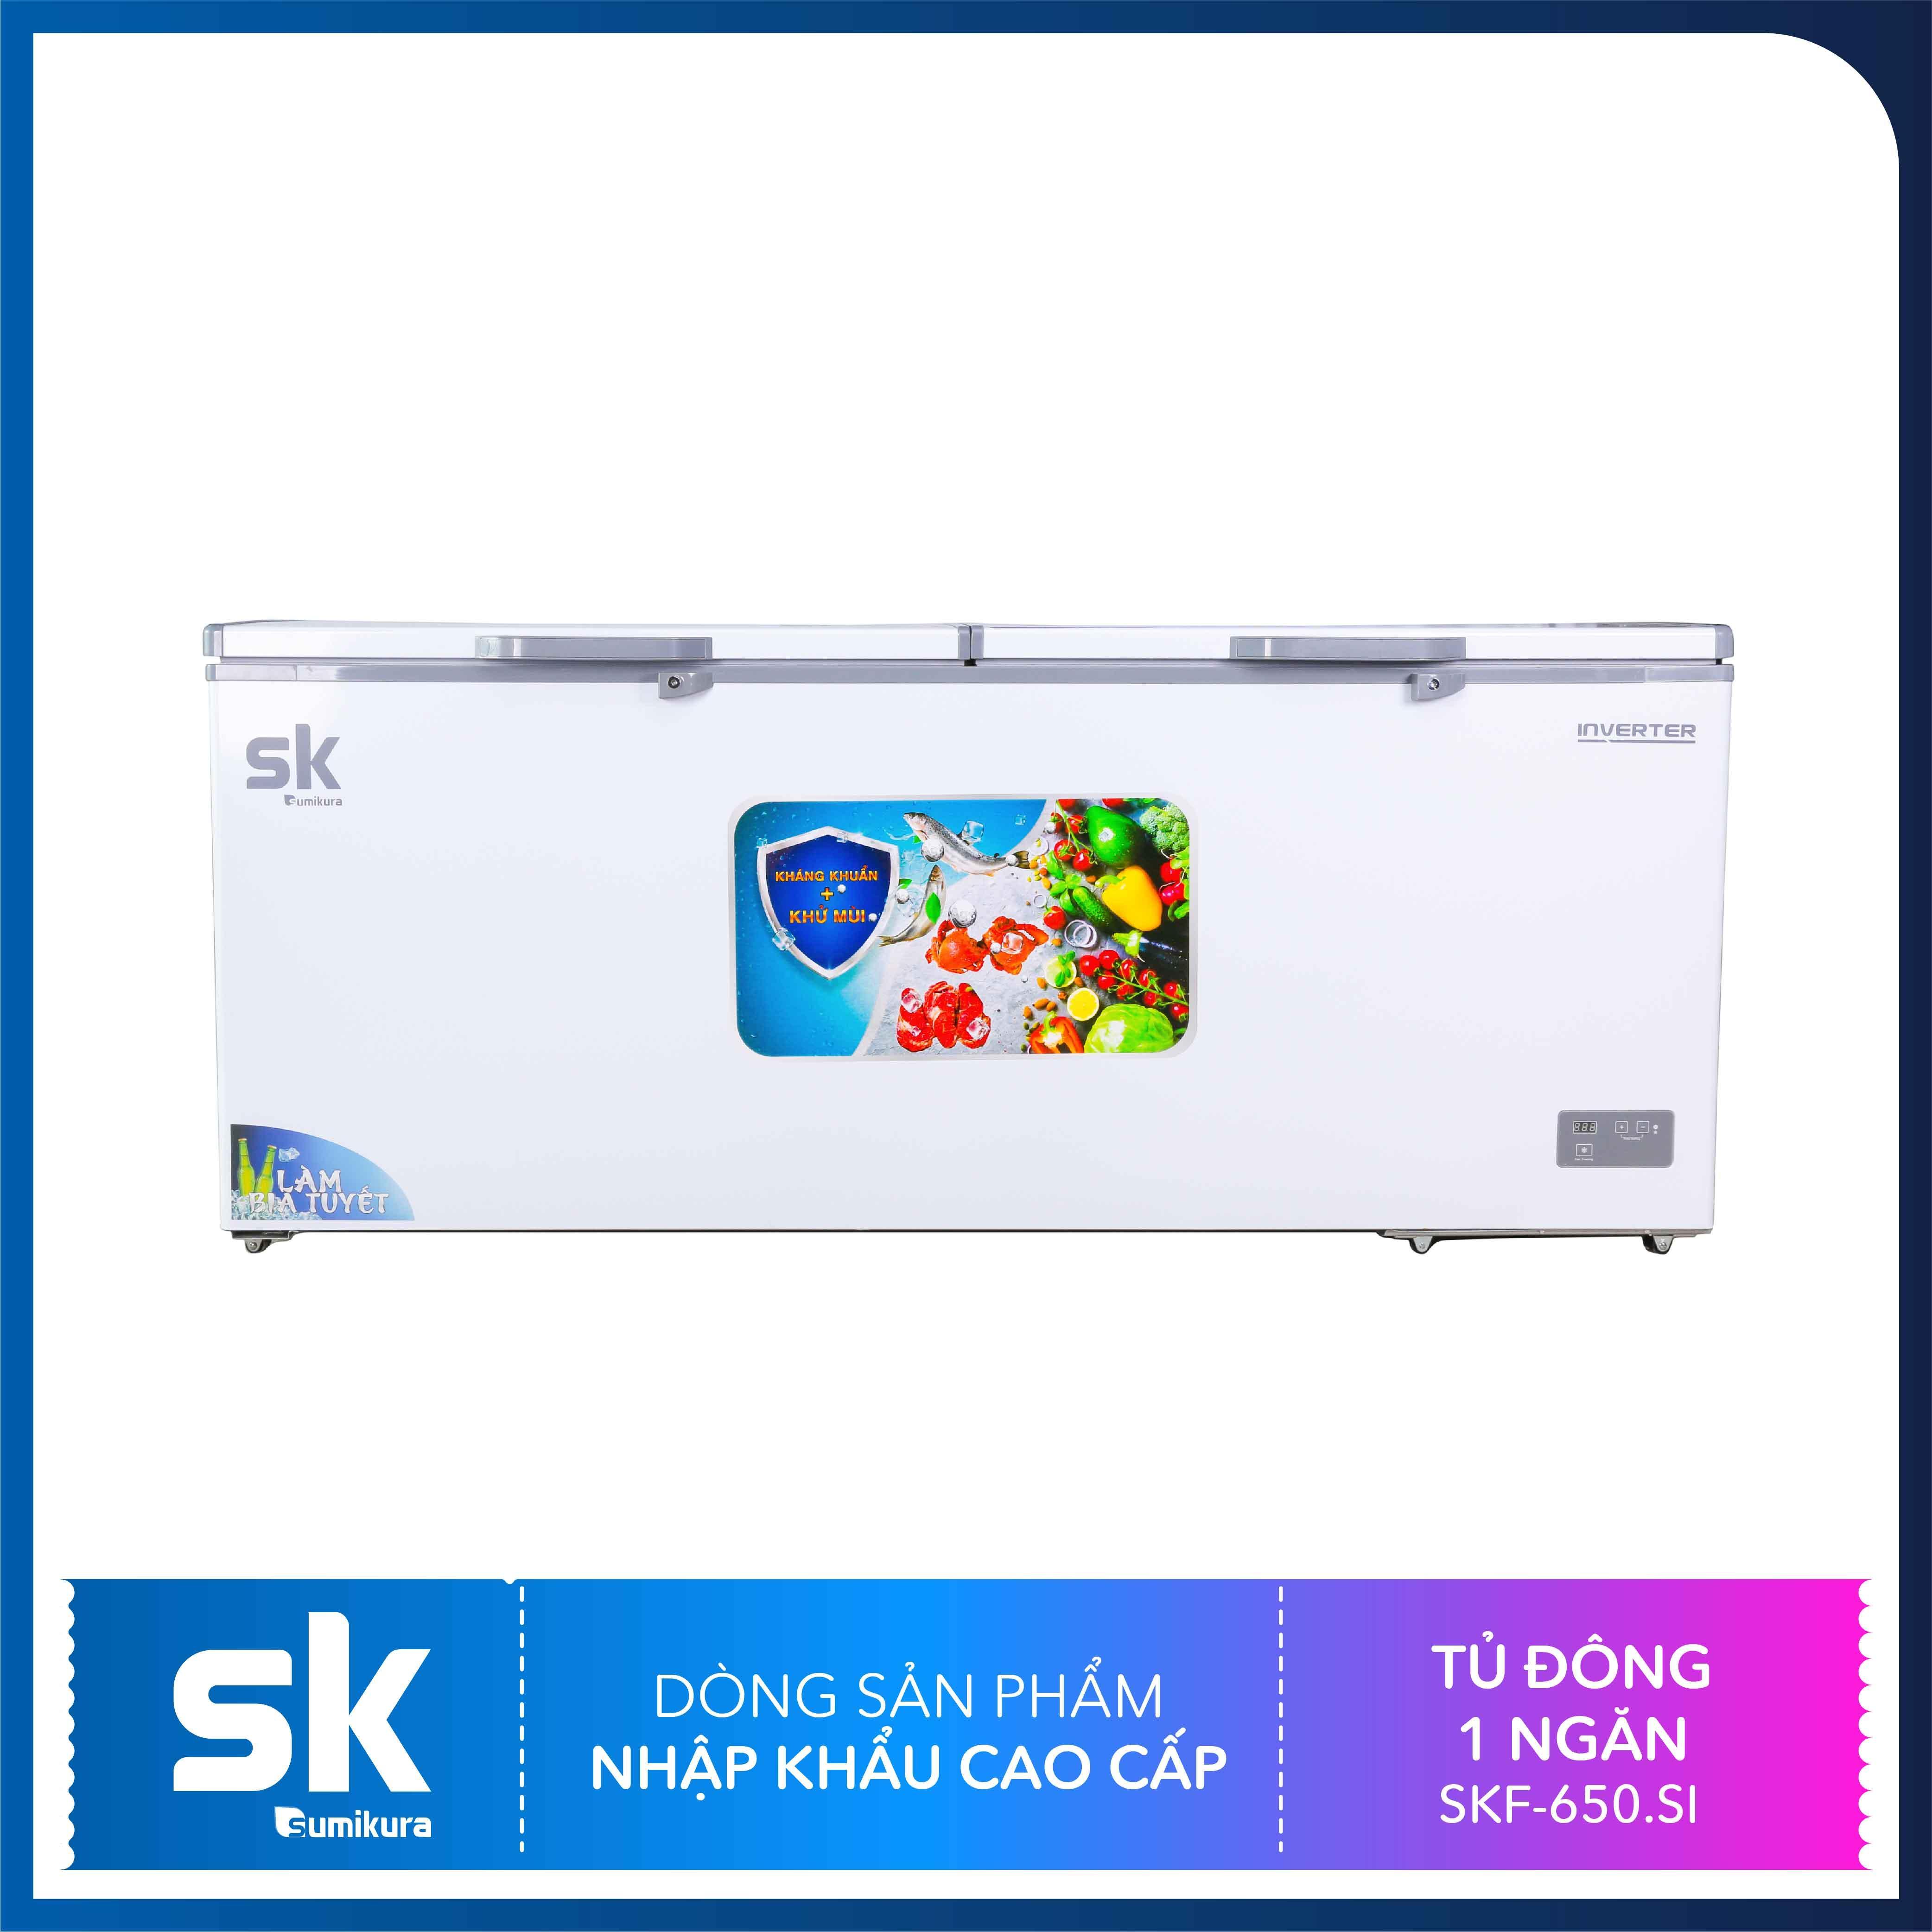 Bảng giá Tủ Đông 1 Ngăn Inverter 650 Lít SKF-650.SI Sumikura Điện máy Pico